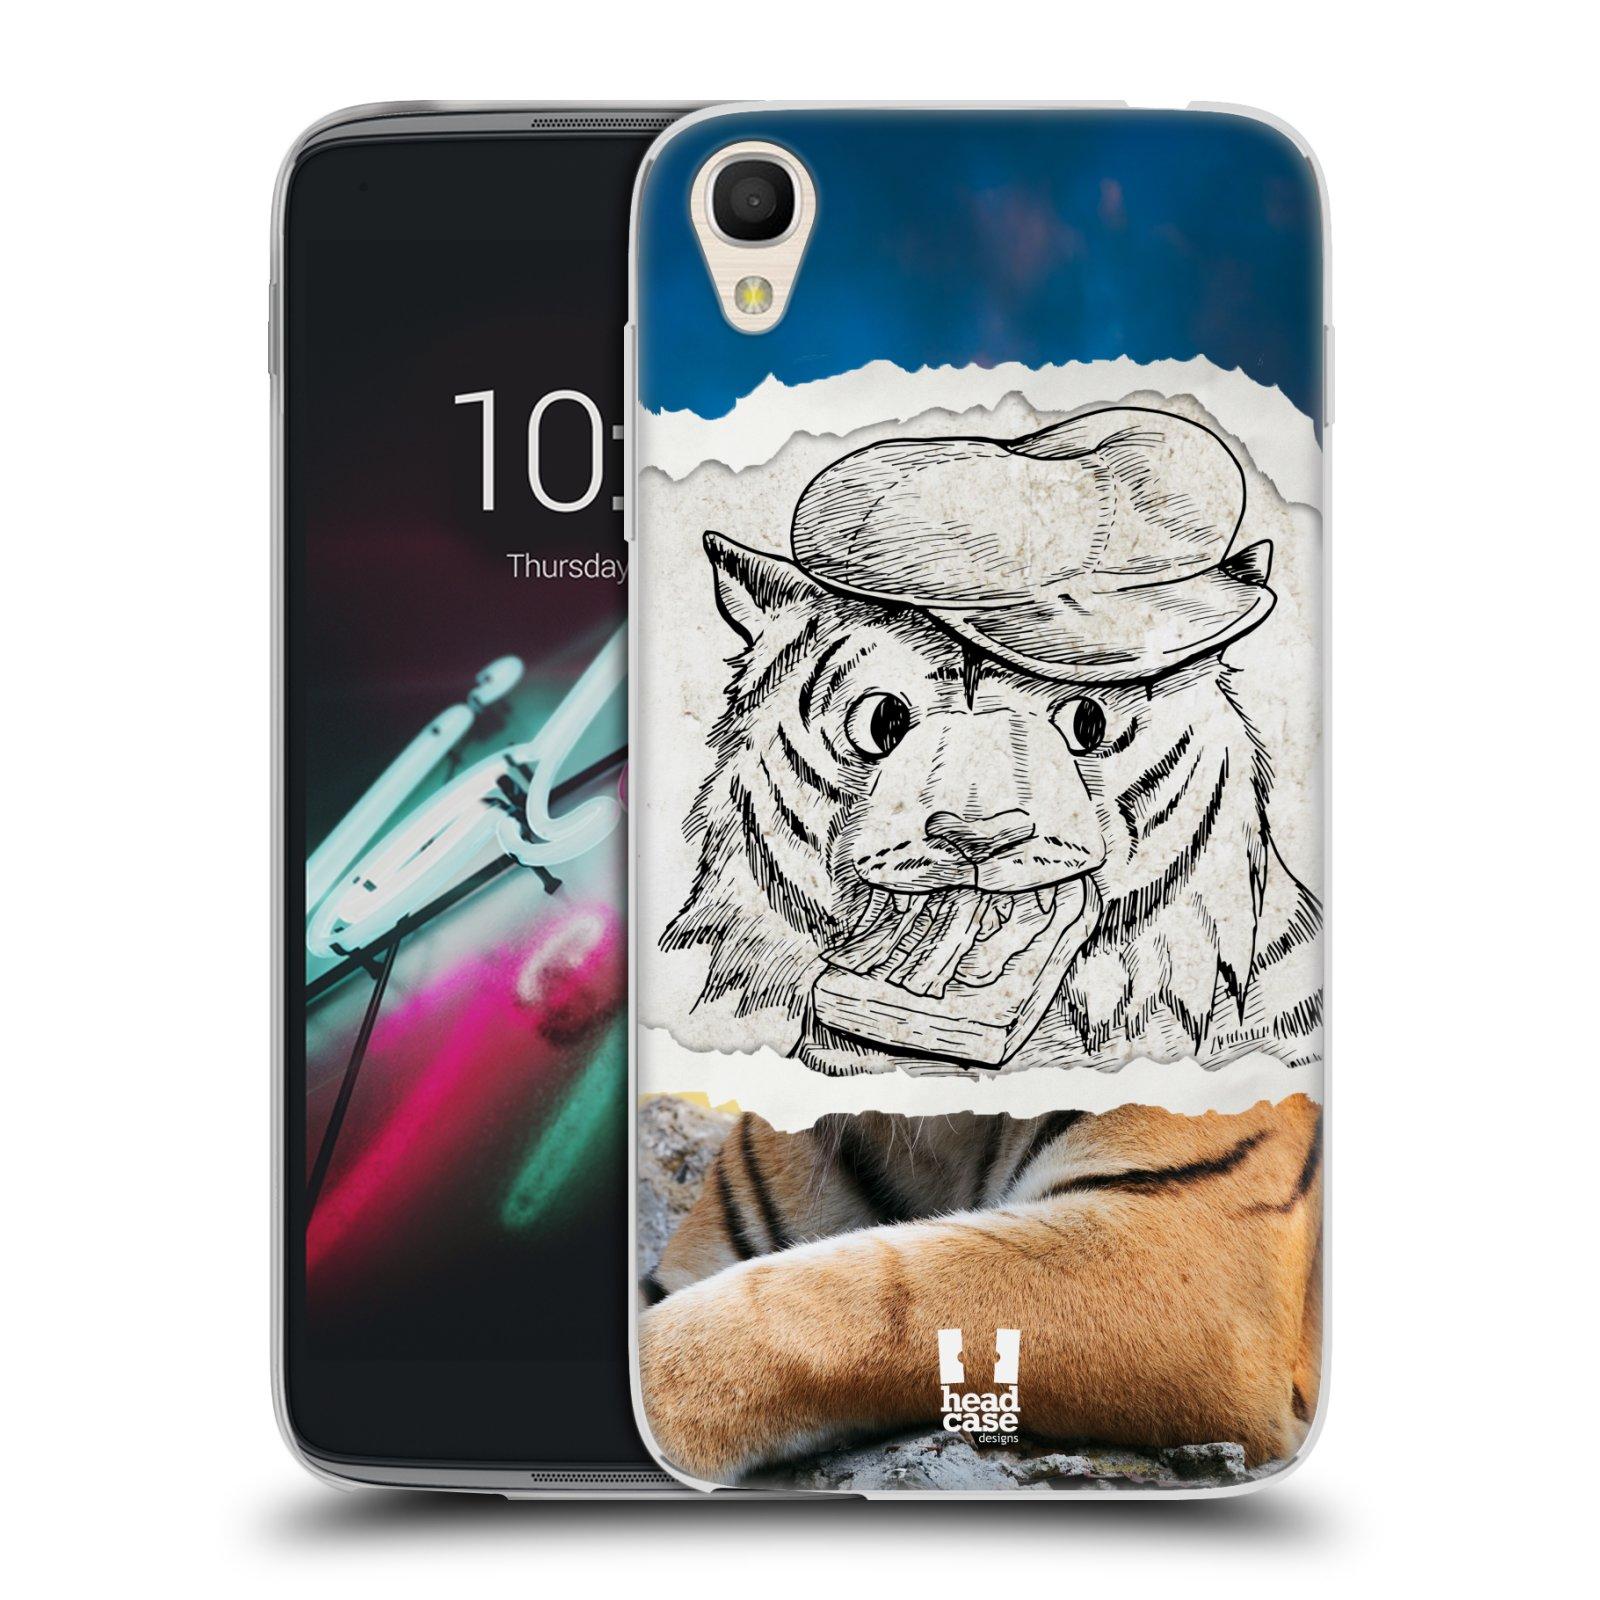 HEAD CASE silikonový obal na mobil Alcatel Idol 3 OT-6039Y (4.7) vzor zvířata koláž tygr fešák